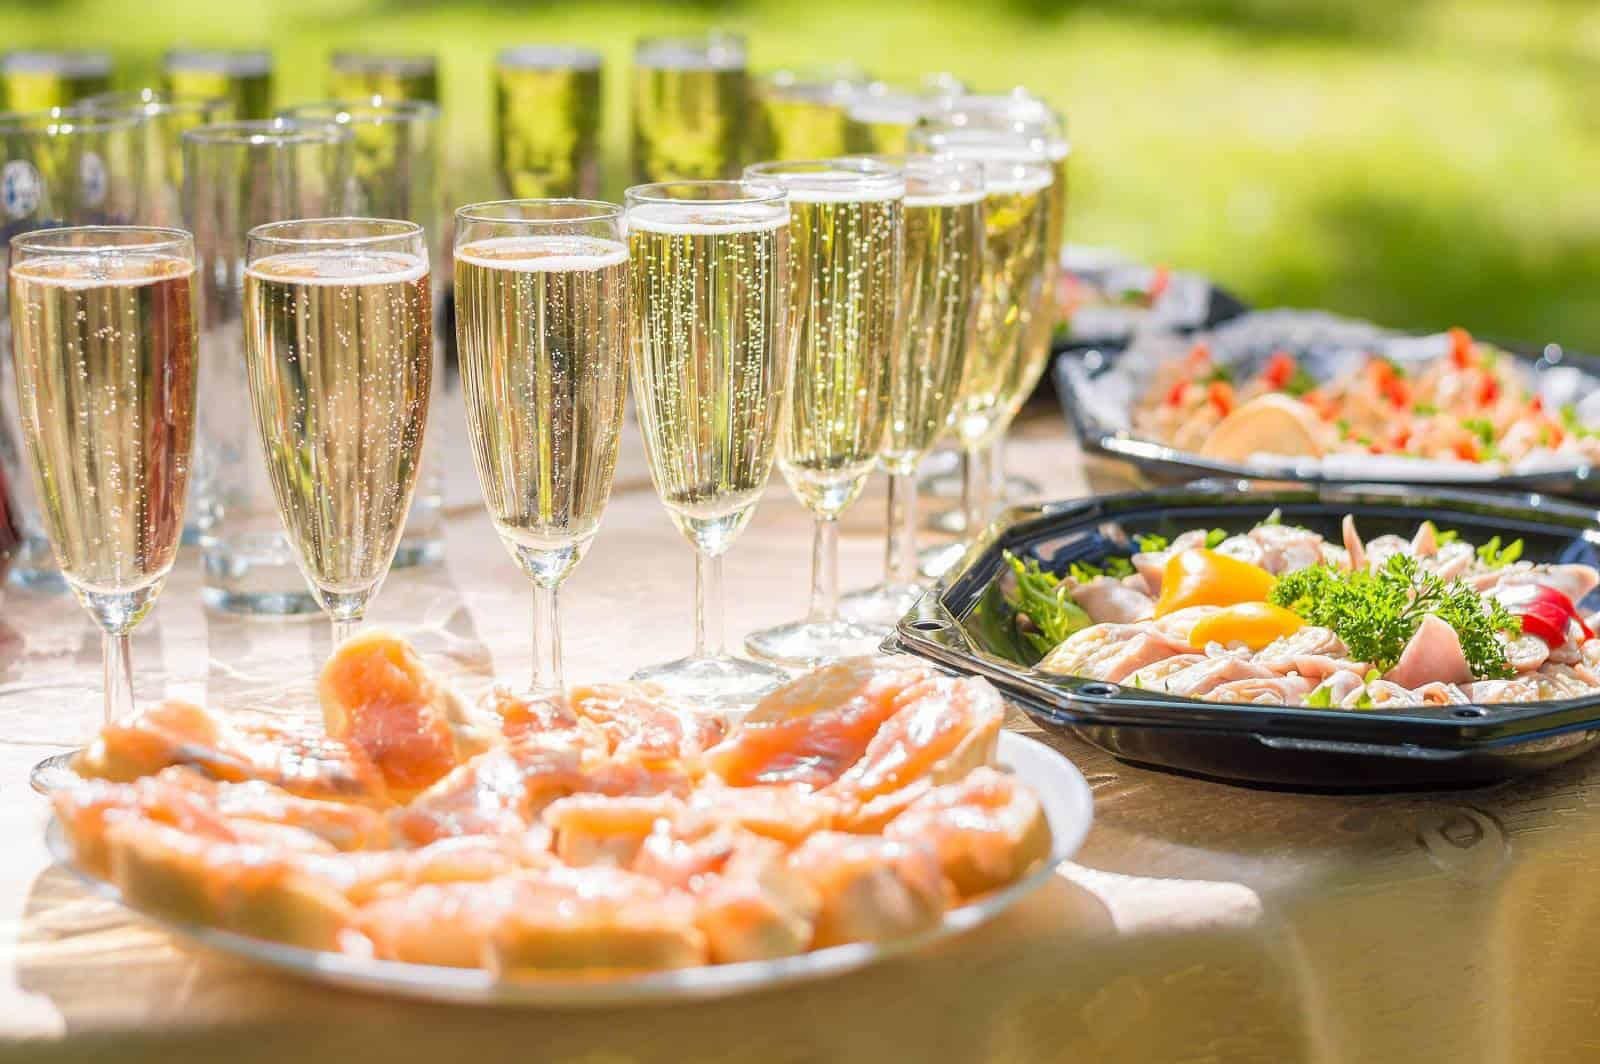 Champagner und Essen auf dem Tisch